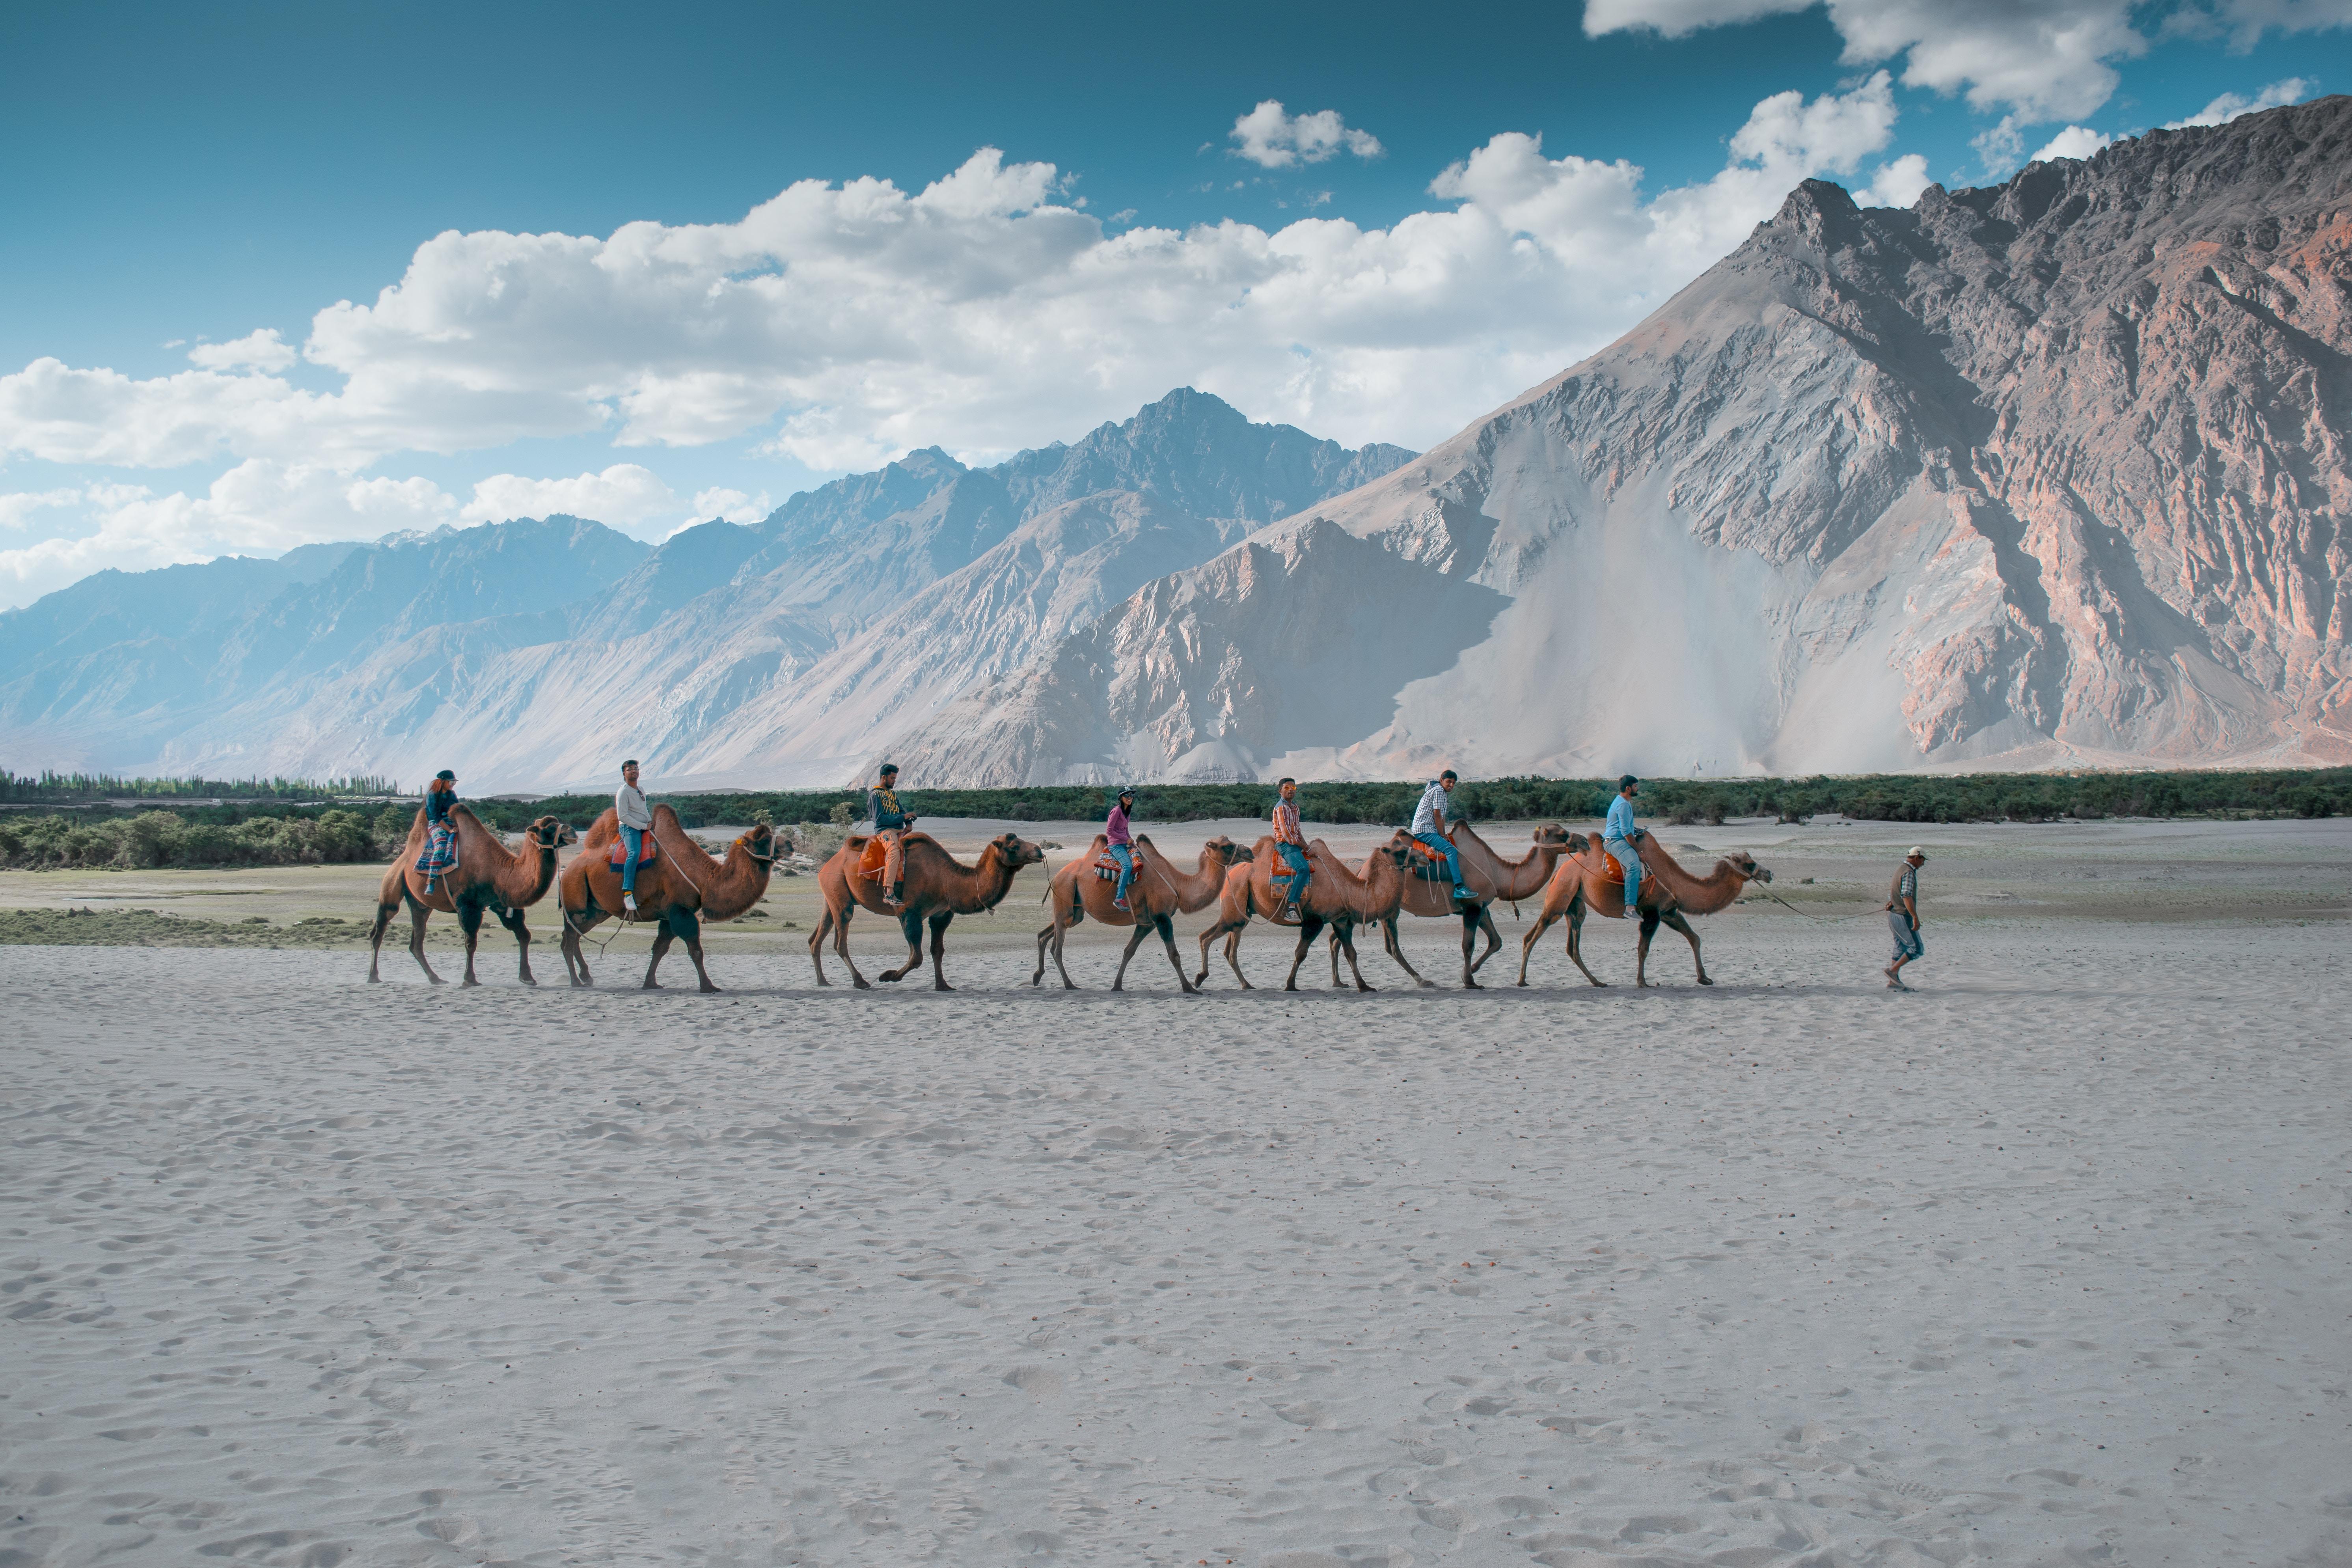 Inde Ladakh agence de voyages phileas frog paris 17 382080